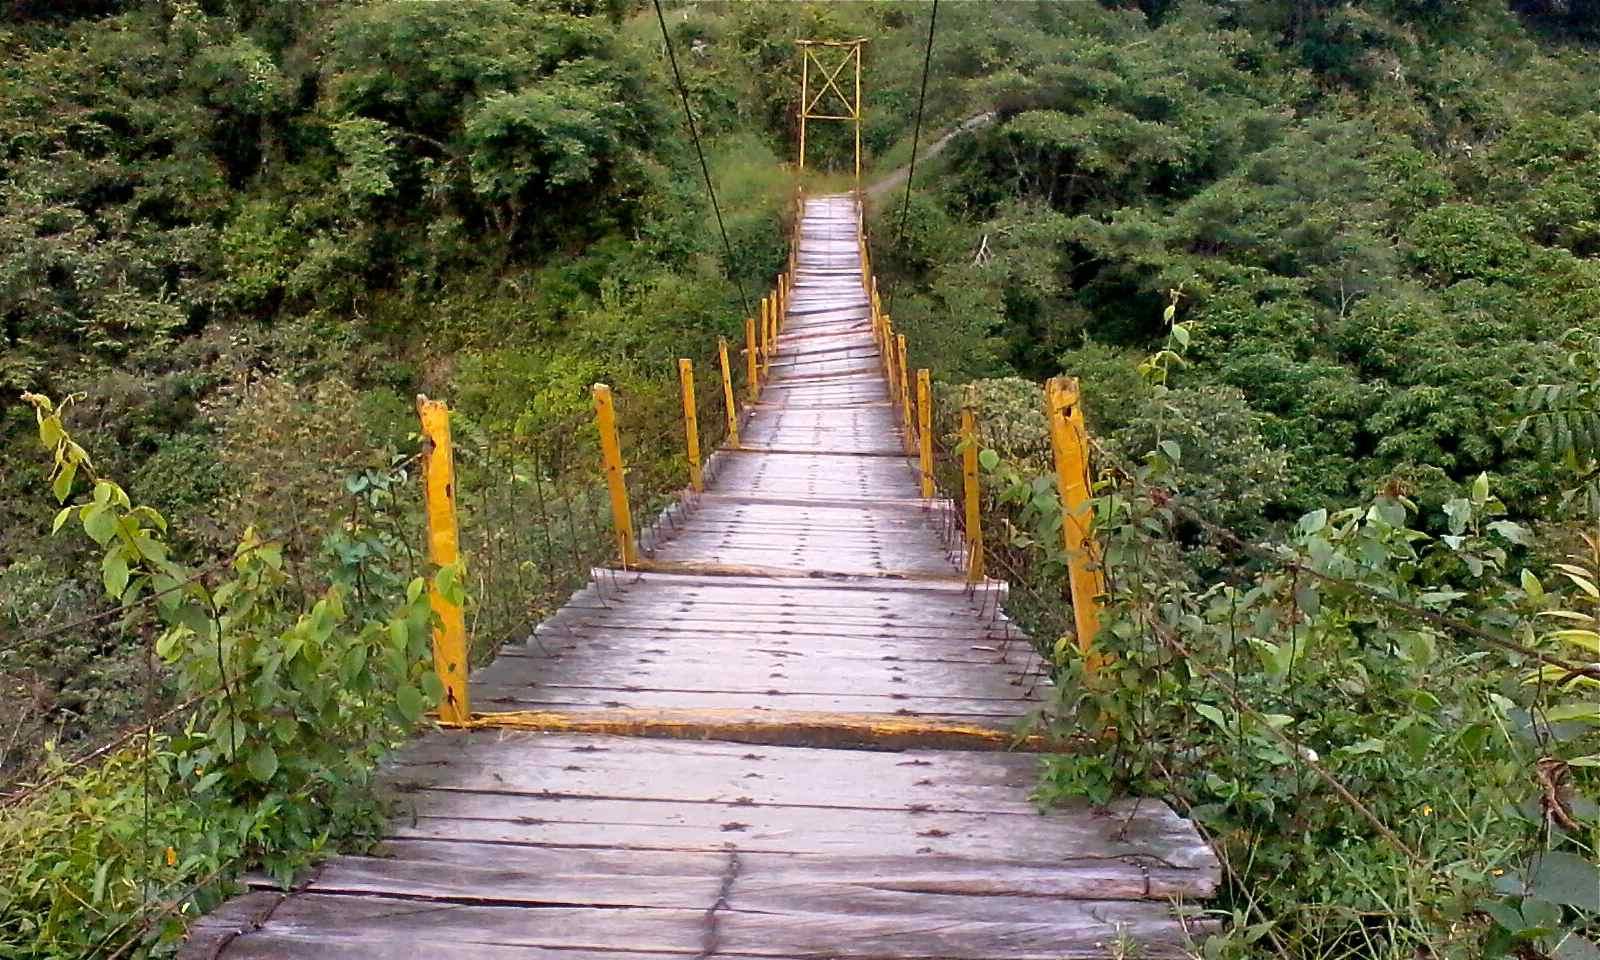 Vista del puente colgante en Pahuatlán